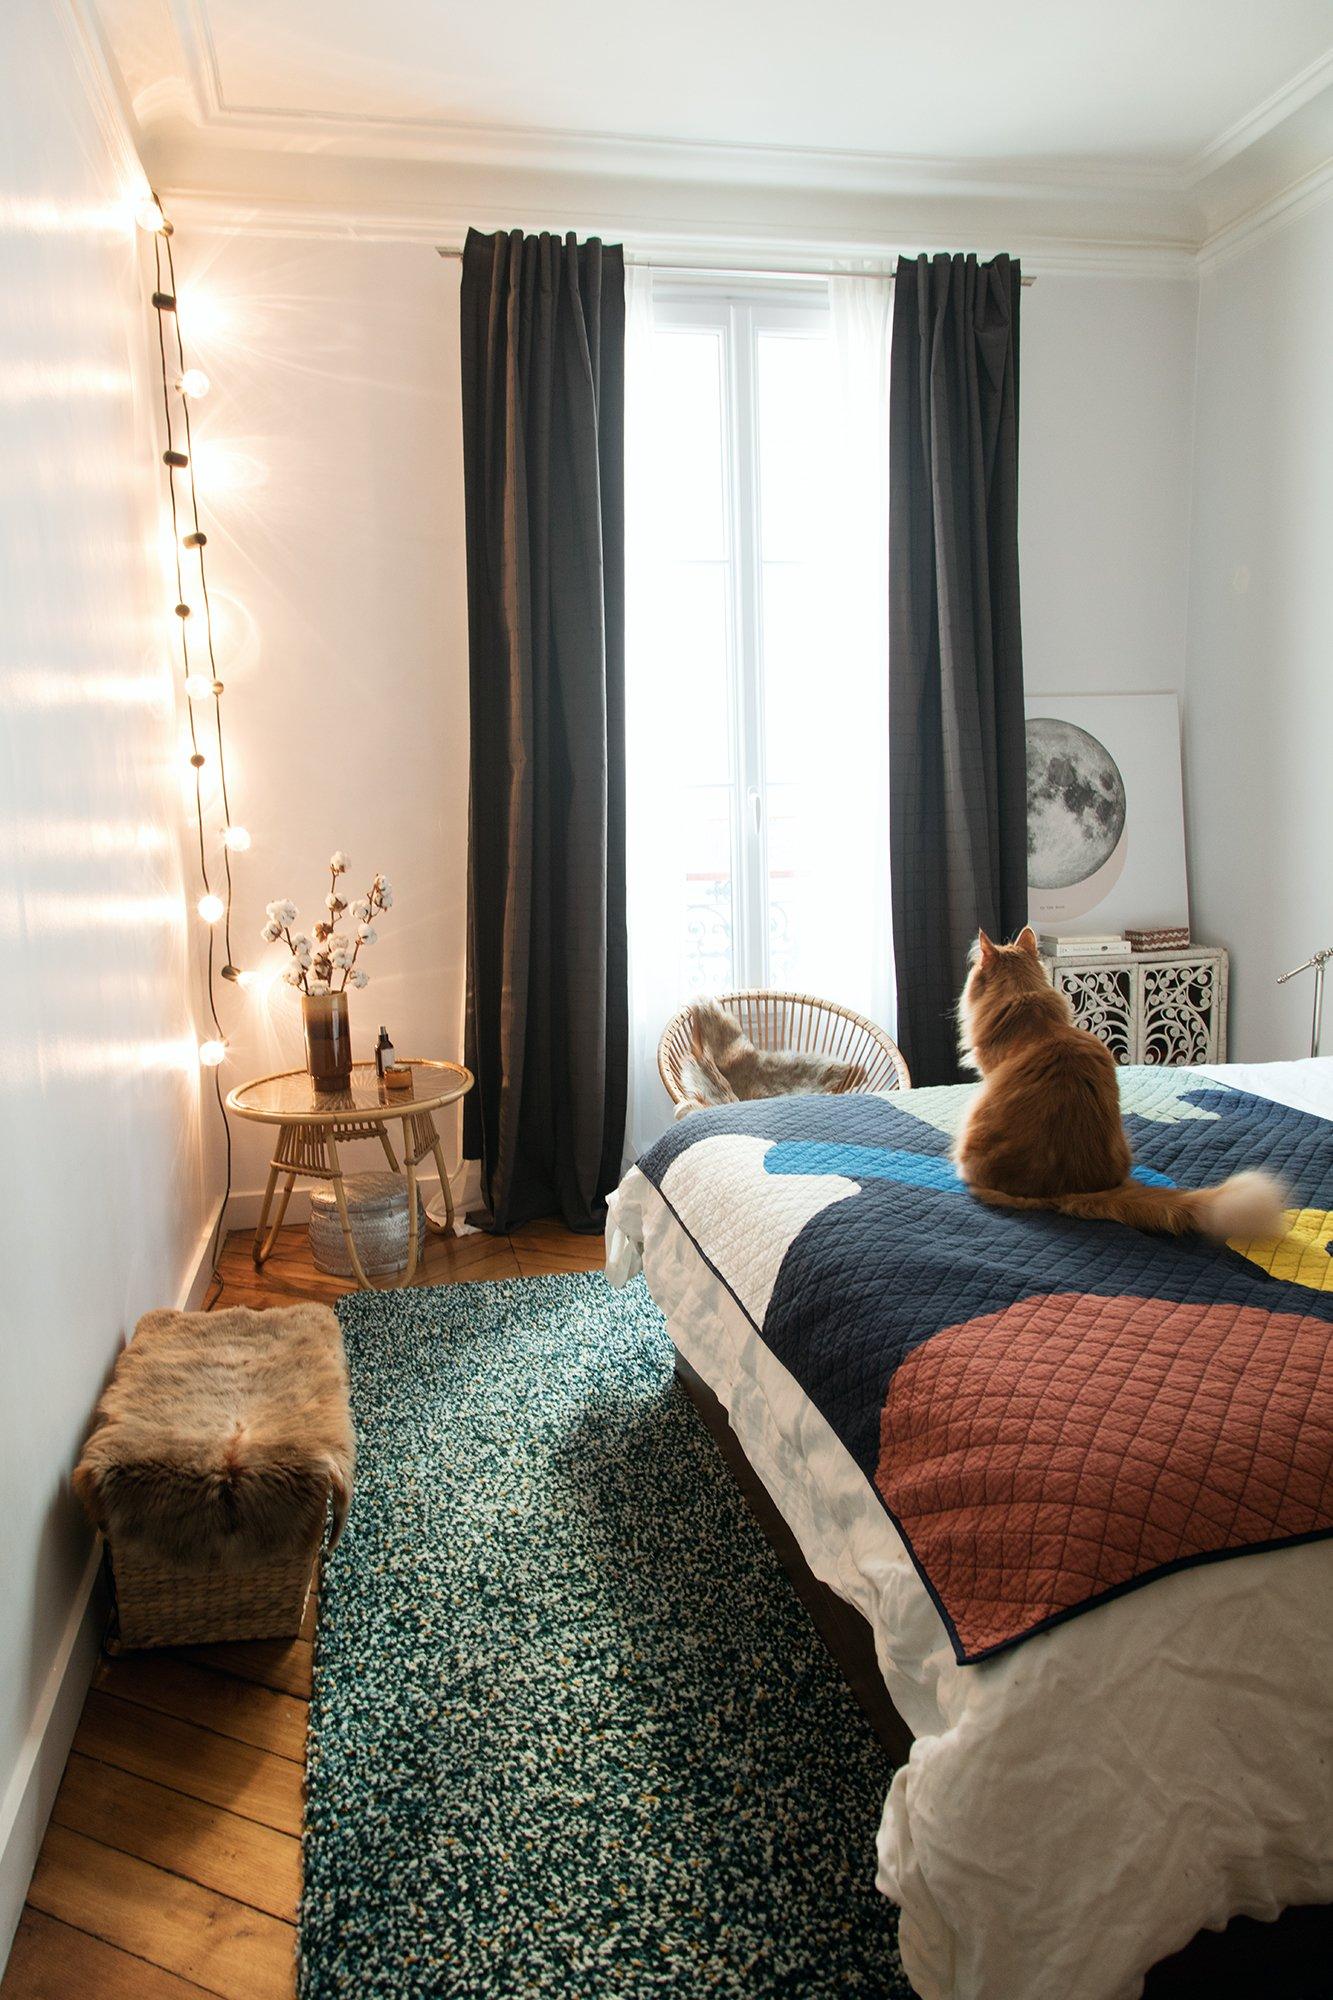 Chambre Appartement Paris 10ème arrondissement Famille Darya Shodjaie Kopp et Grégoire